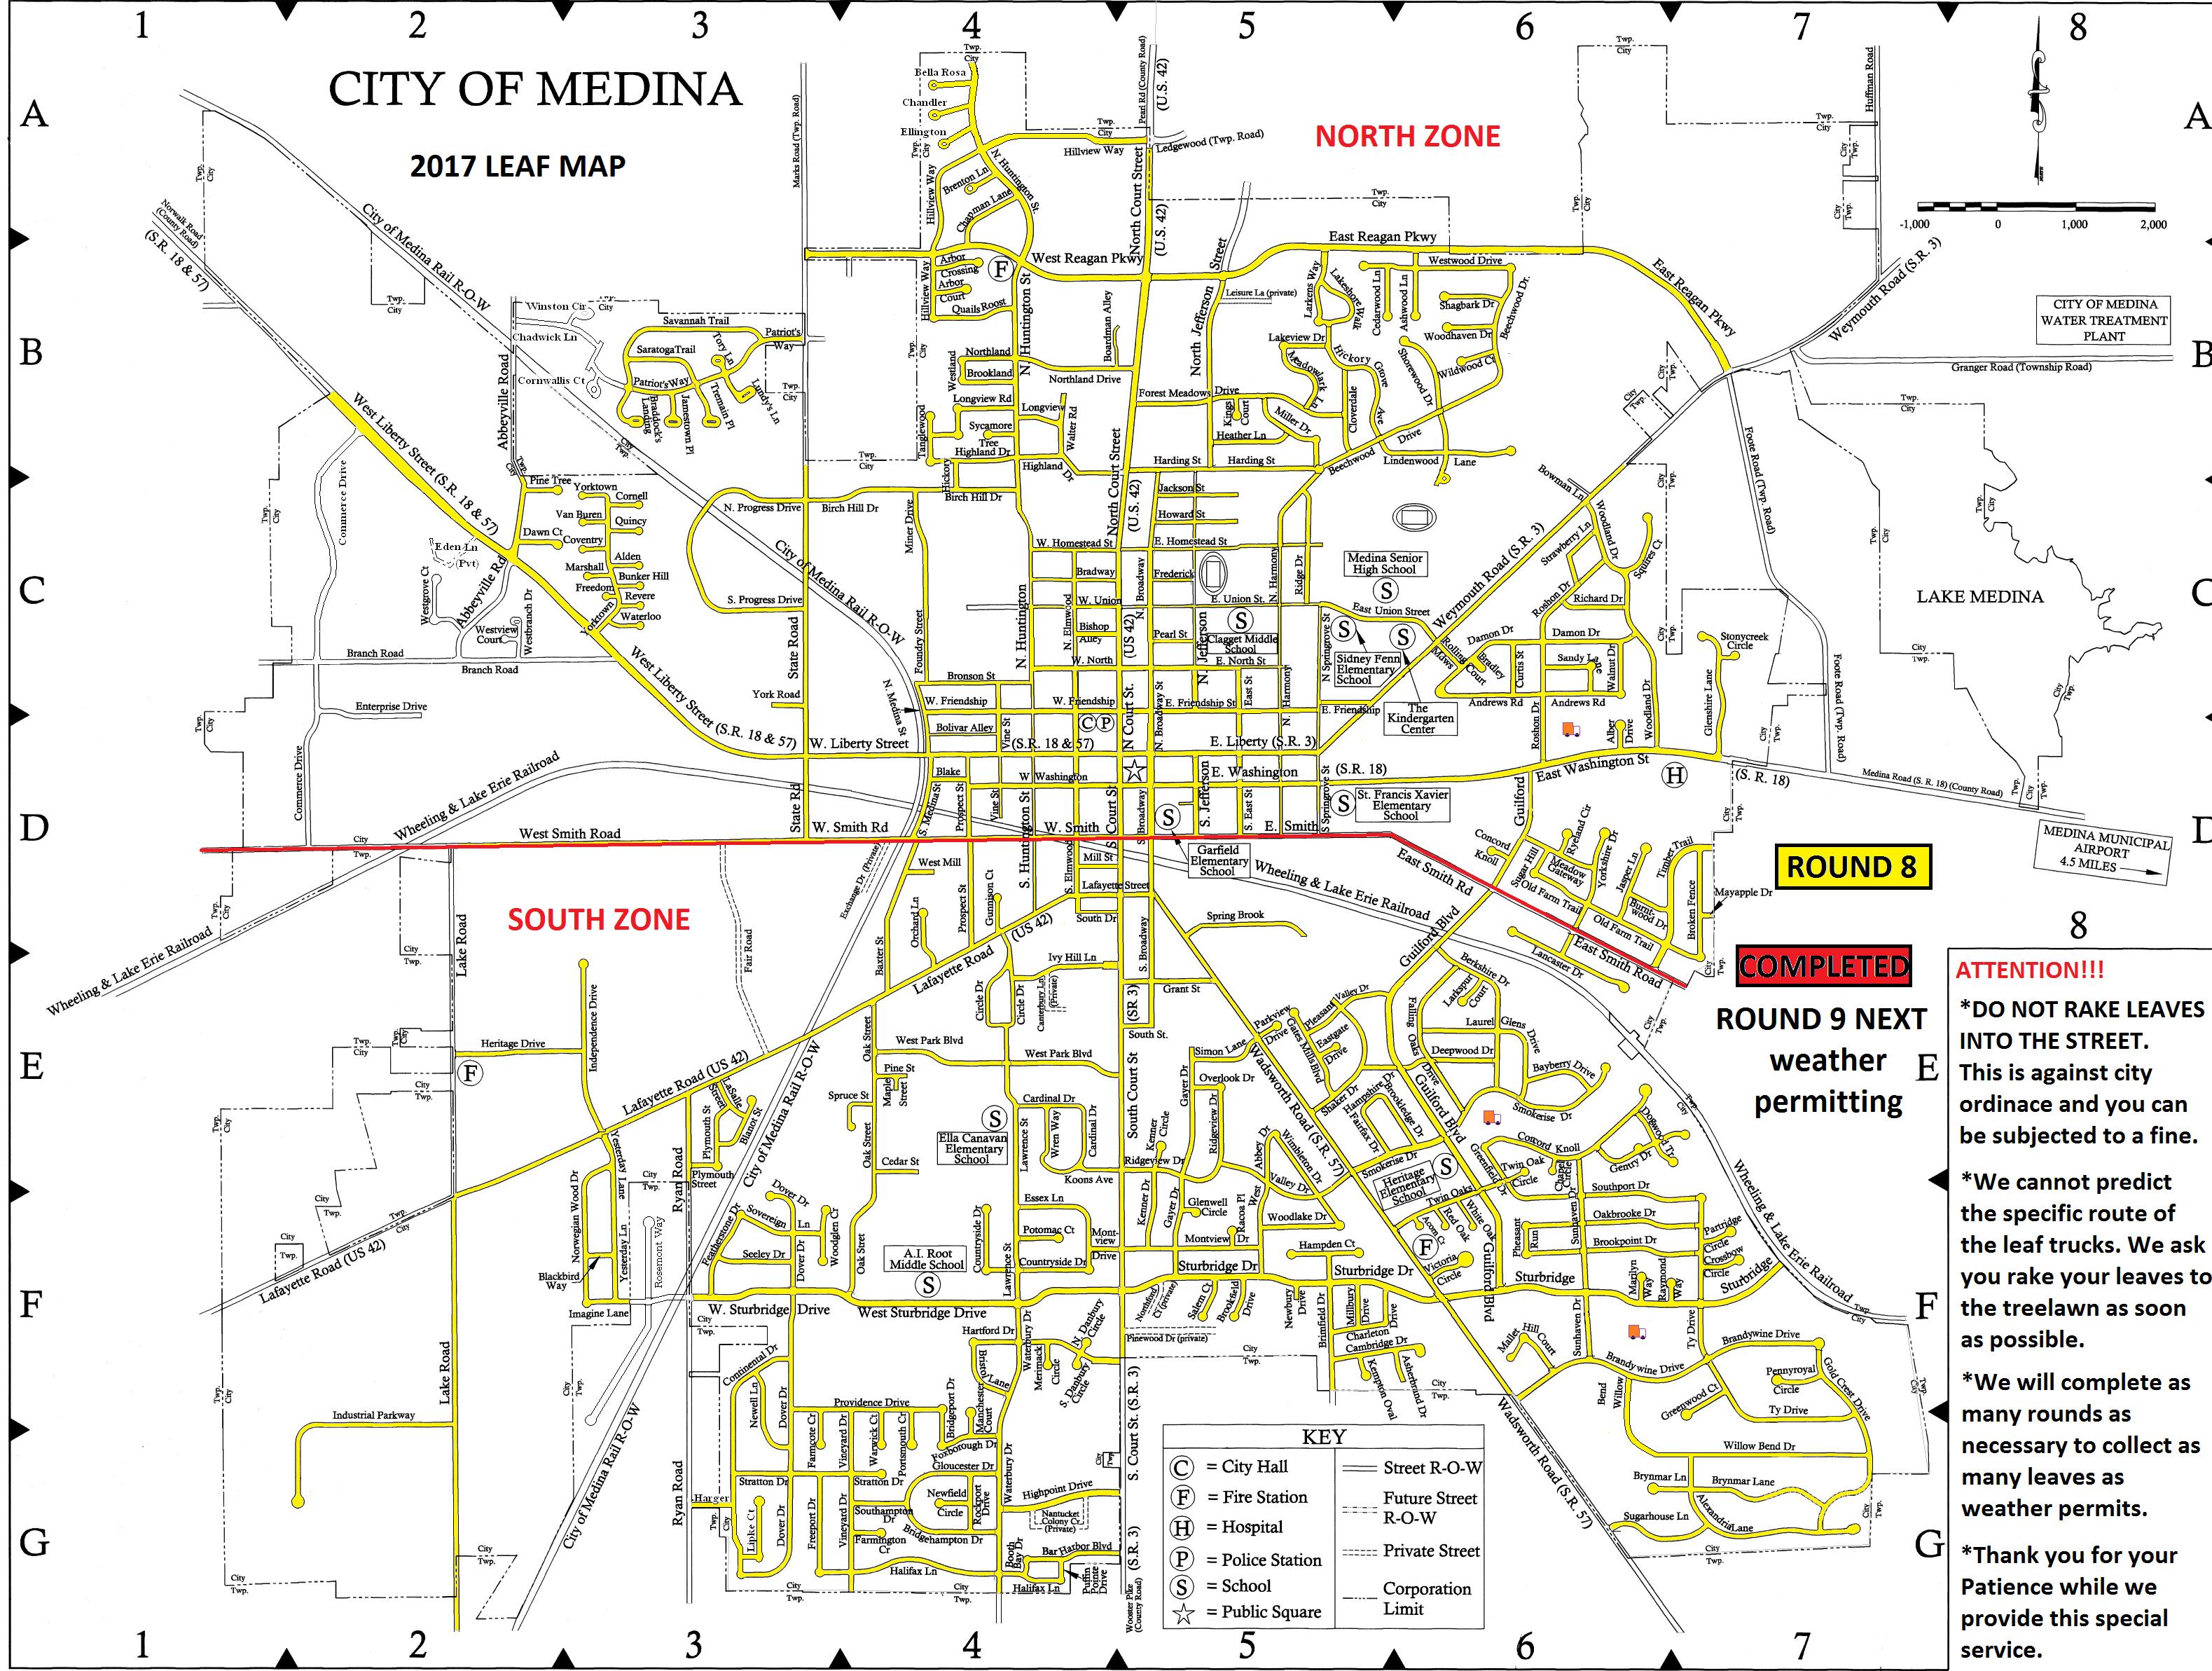 The City of Medina Ohio